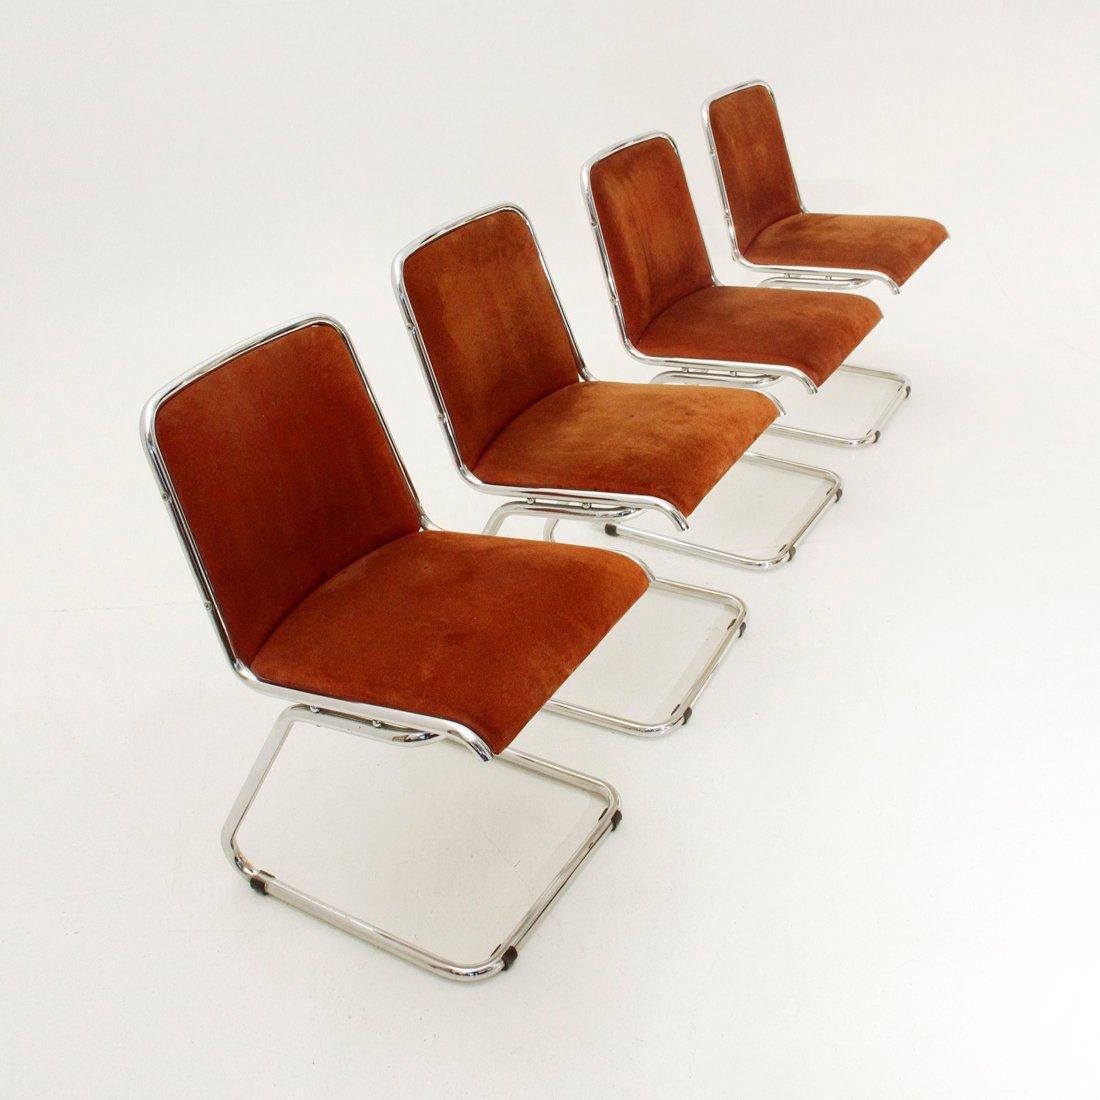 italienische esszimmer st hle aus chrom wildleder 1970er 4er set bei pamono kaufen. Black Bedroom Furniture Sets. Home Design Ideas